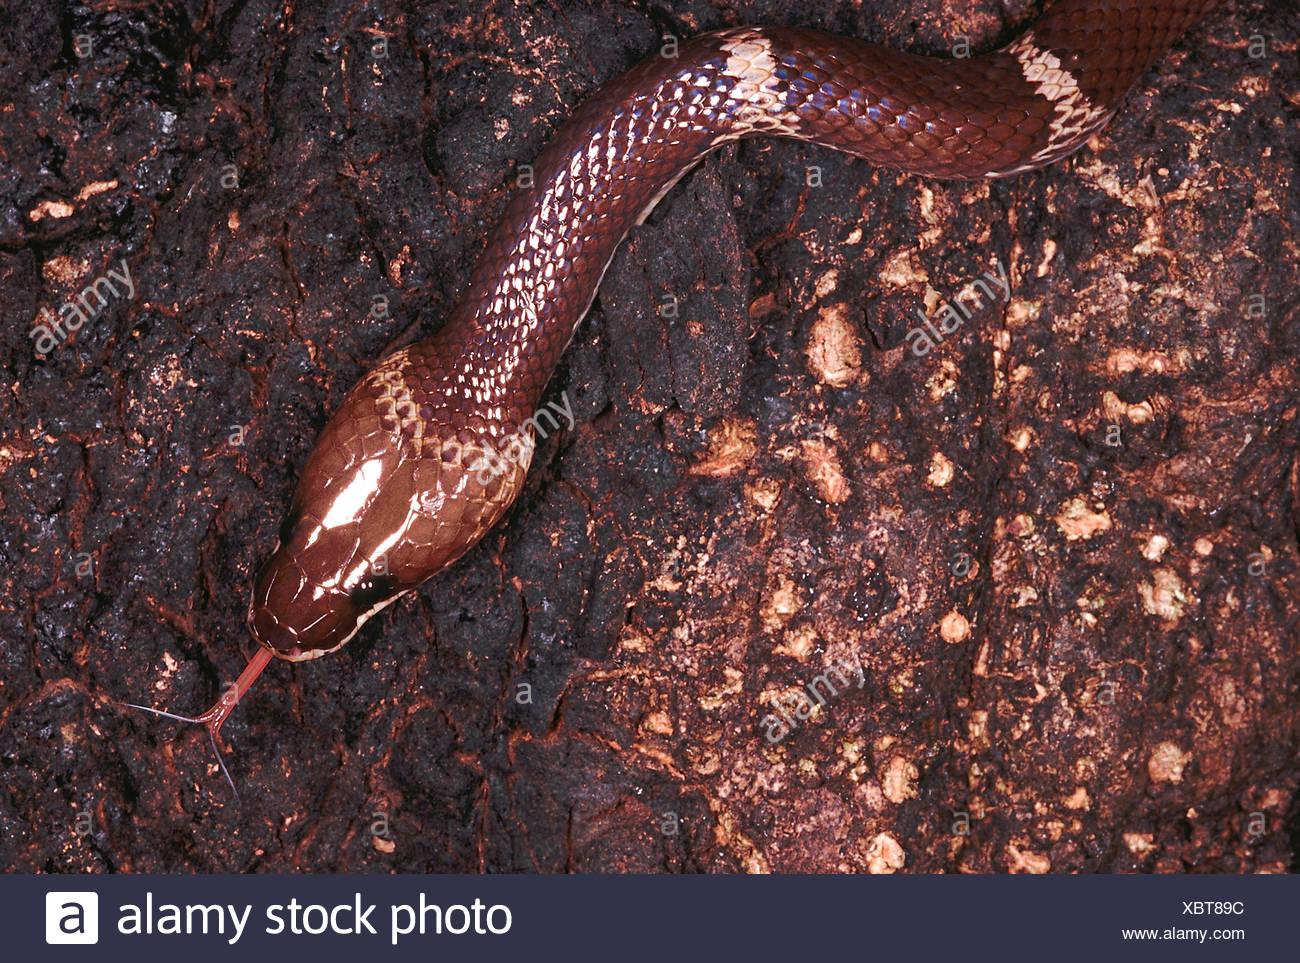 Oligodon taeniolatus. Russell's o jaspeada serpiente kukri. Una rara serpiente que es bastante dócil, así como la timidez. Imagen De Stock